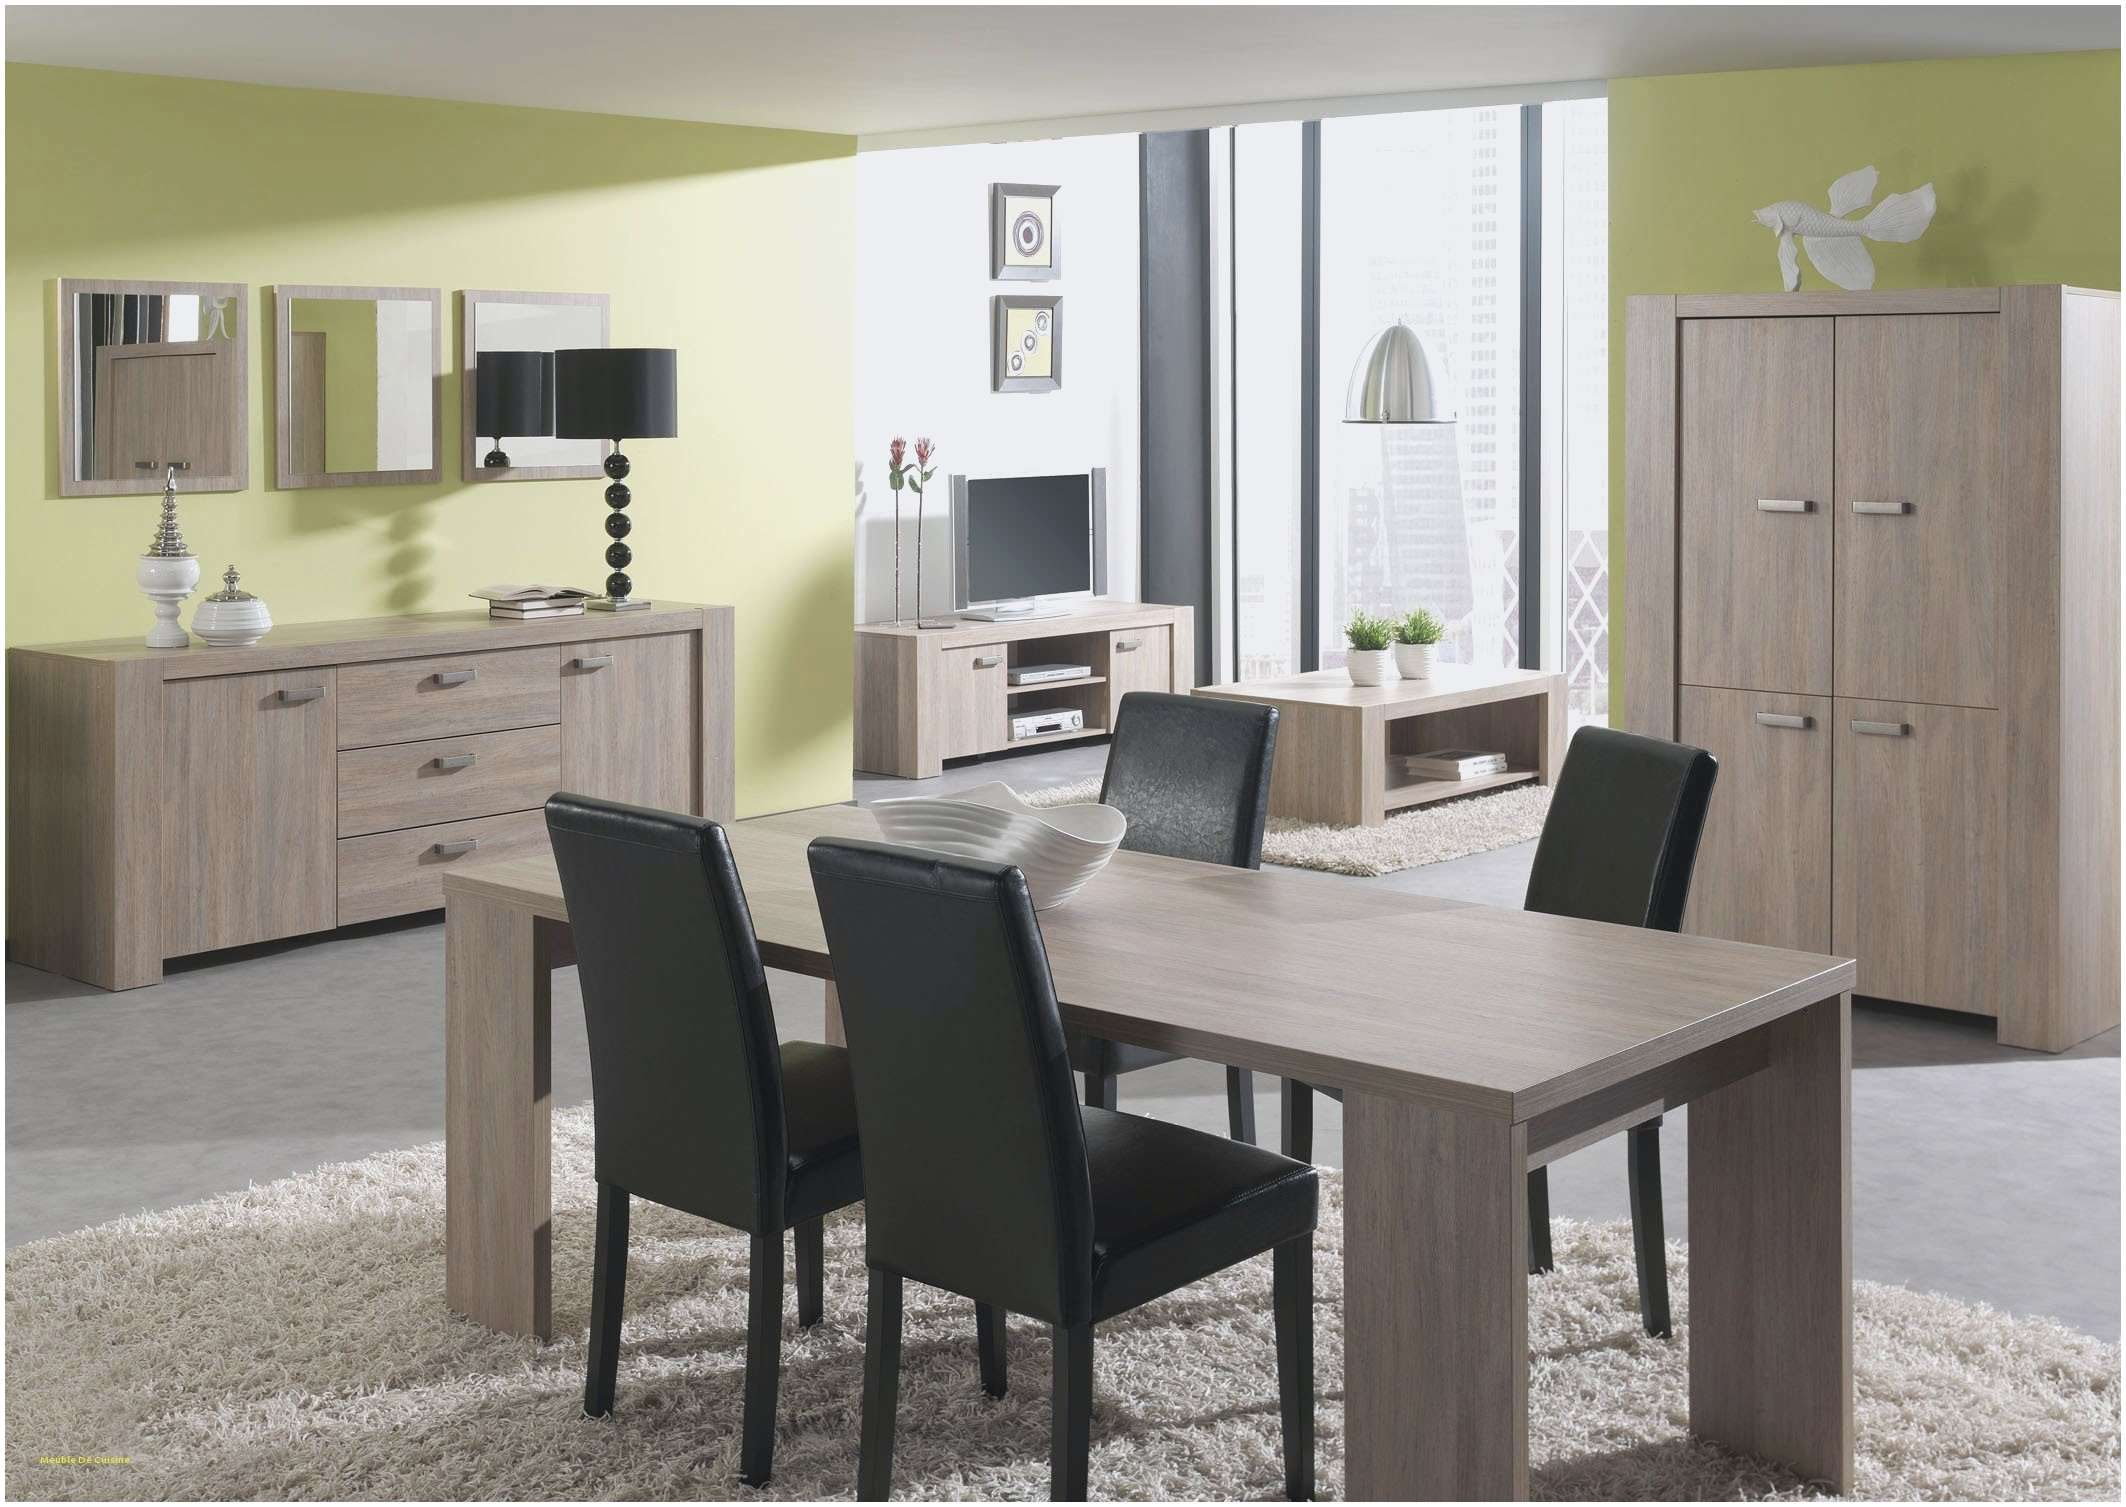 Tete De Lit Avec Chevet Intégré Ikea Douce Unique Table Bureau Blanc Micke Bureau Blanc 105 X 50 Cm Ikea Avec